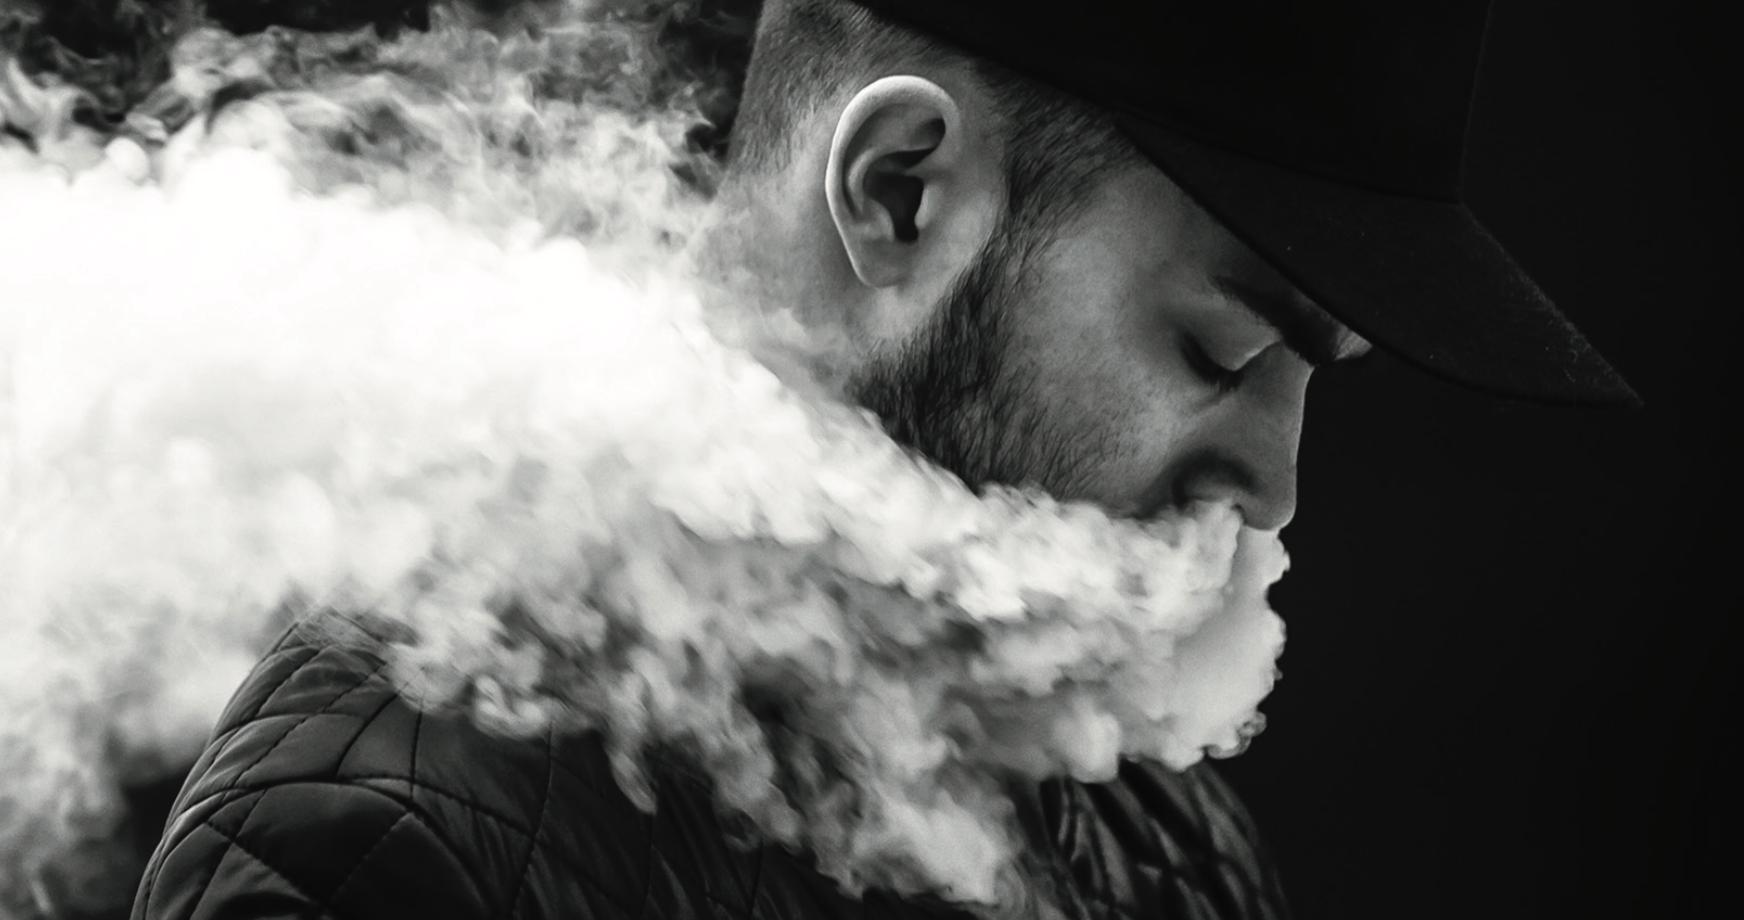 Cigarro eletrônico: A NOVA DROGA DO SÉCULO 21?